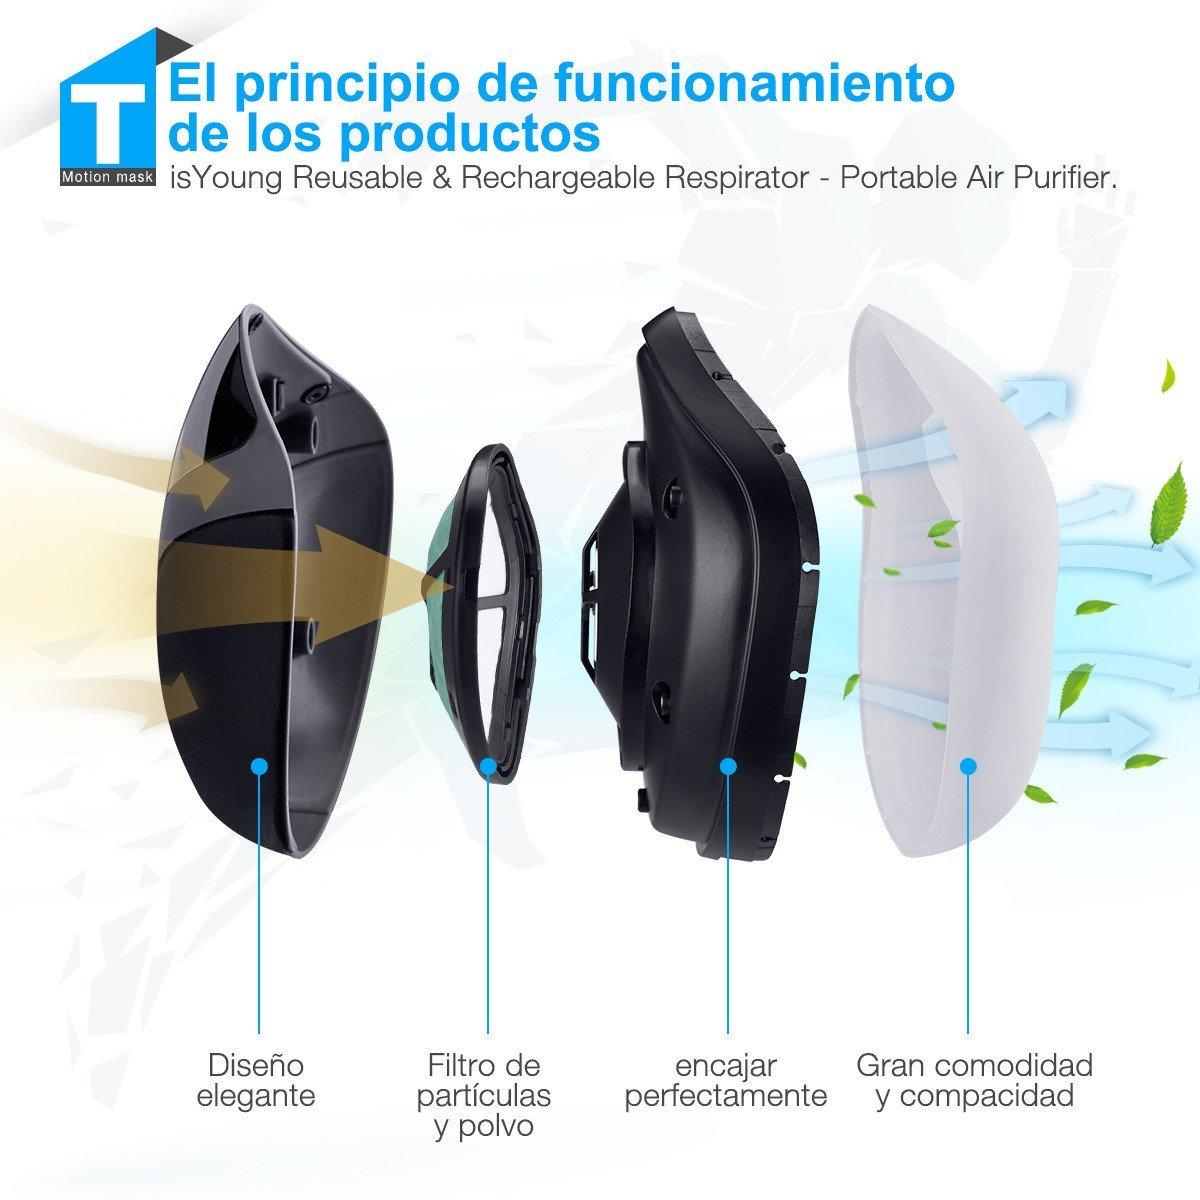 isYoung Máscara de Entrenamiento Profesional para Entrenamiento en Altitud - FA-601 Máscara eléctrica Rica en Oxígeno Niebla de Aire eléctrica Anti-neblina PM2.5 Máscaras.